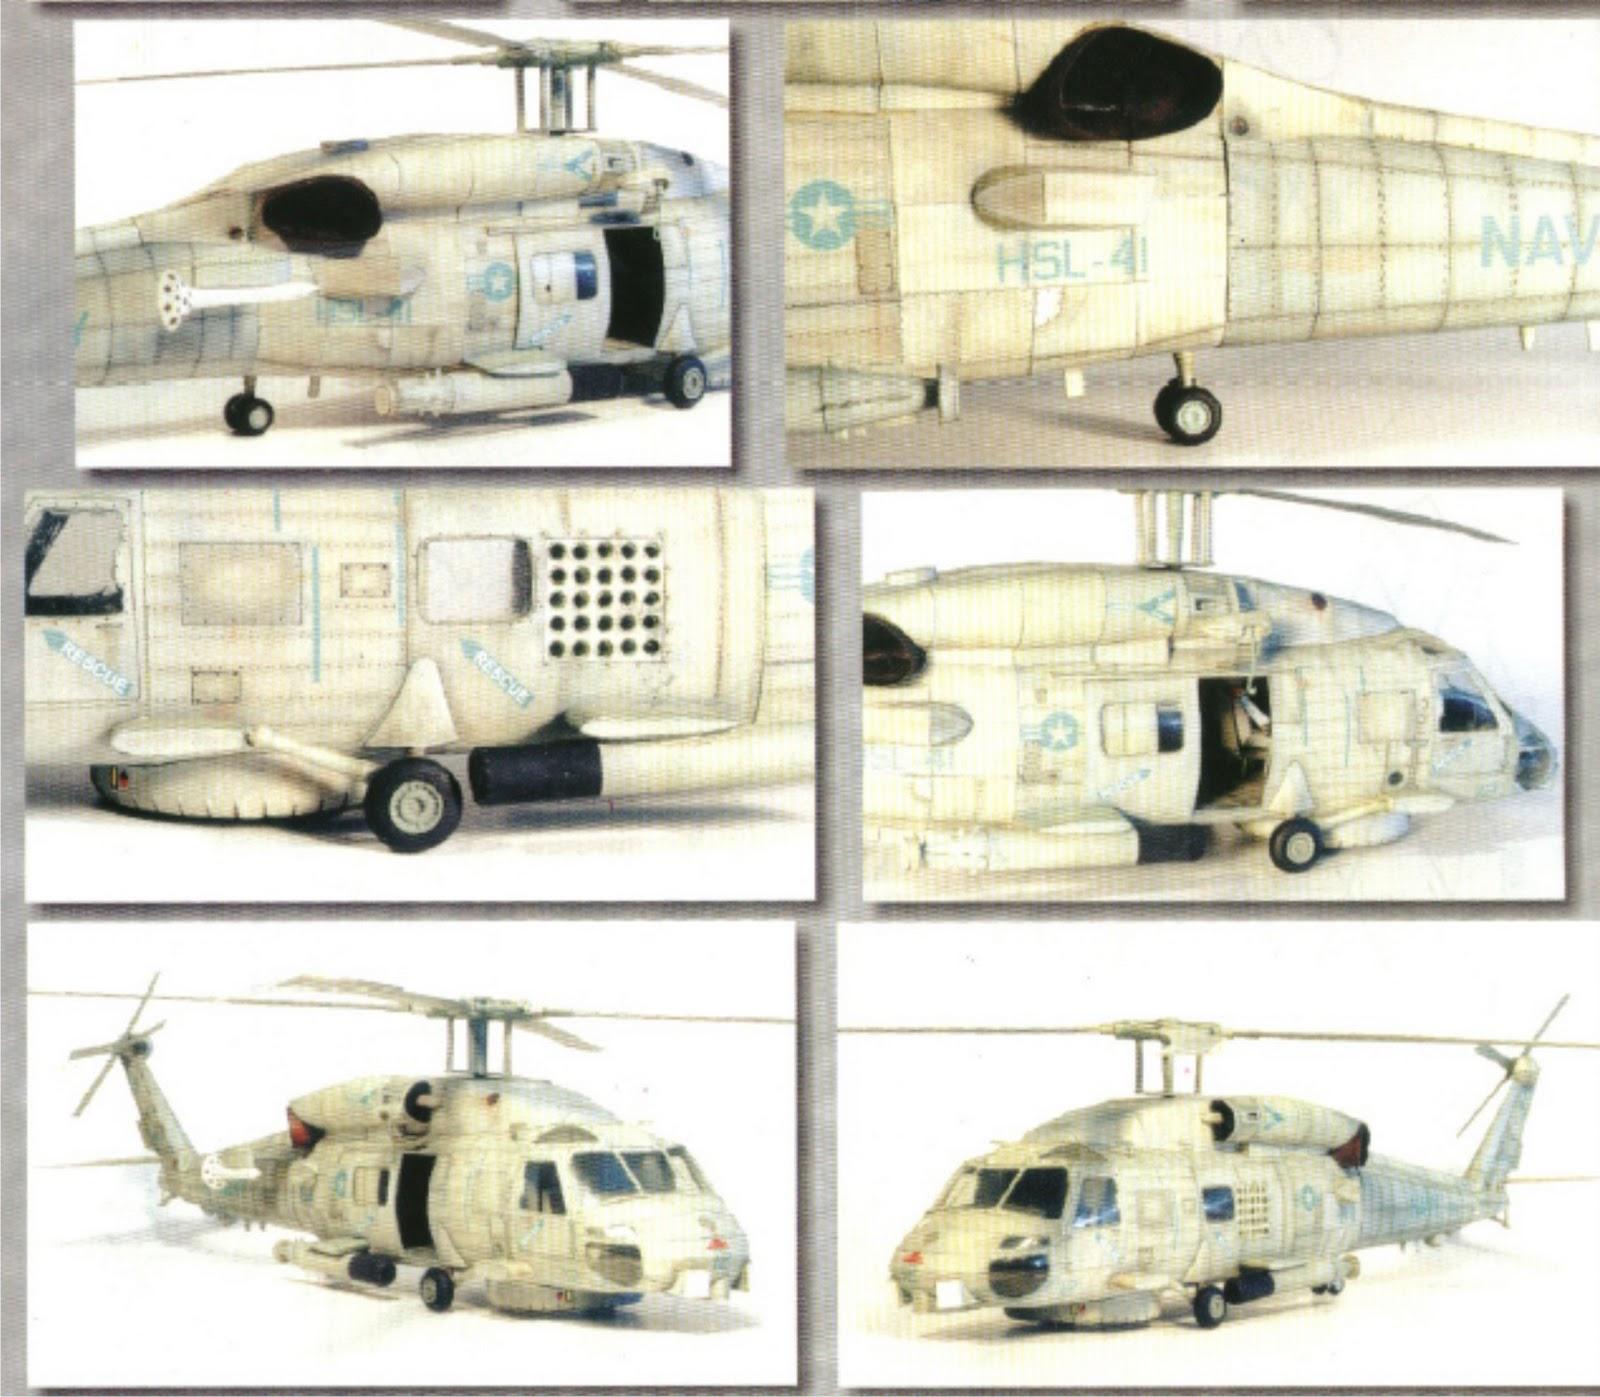 http://2.bp.blogspot.com/_p15nl0x9YEY/S9UMuXW8nJI/AAAAAAAAAkw/_0XVRDnvb-I/s1600/seahawk.jpg